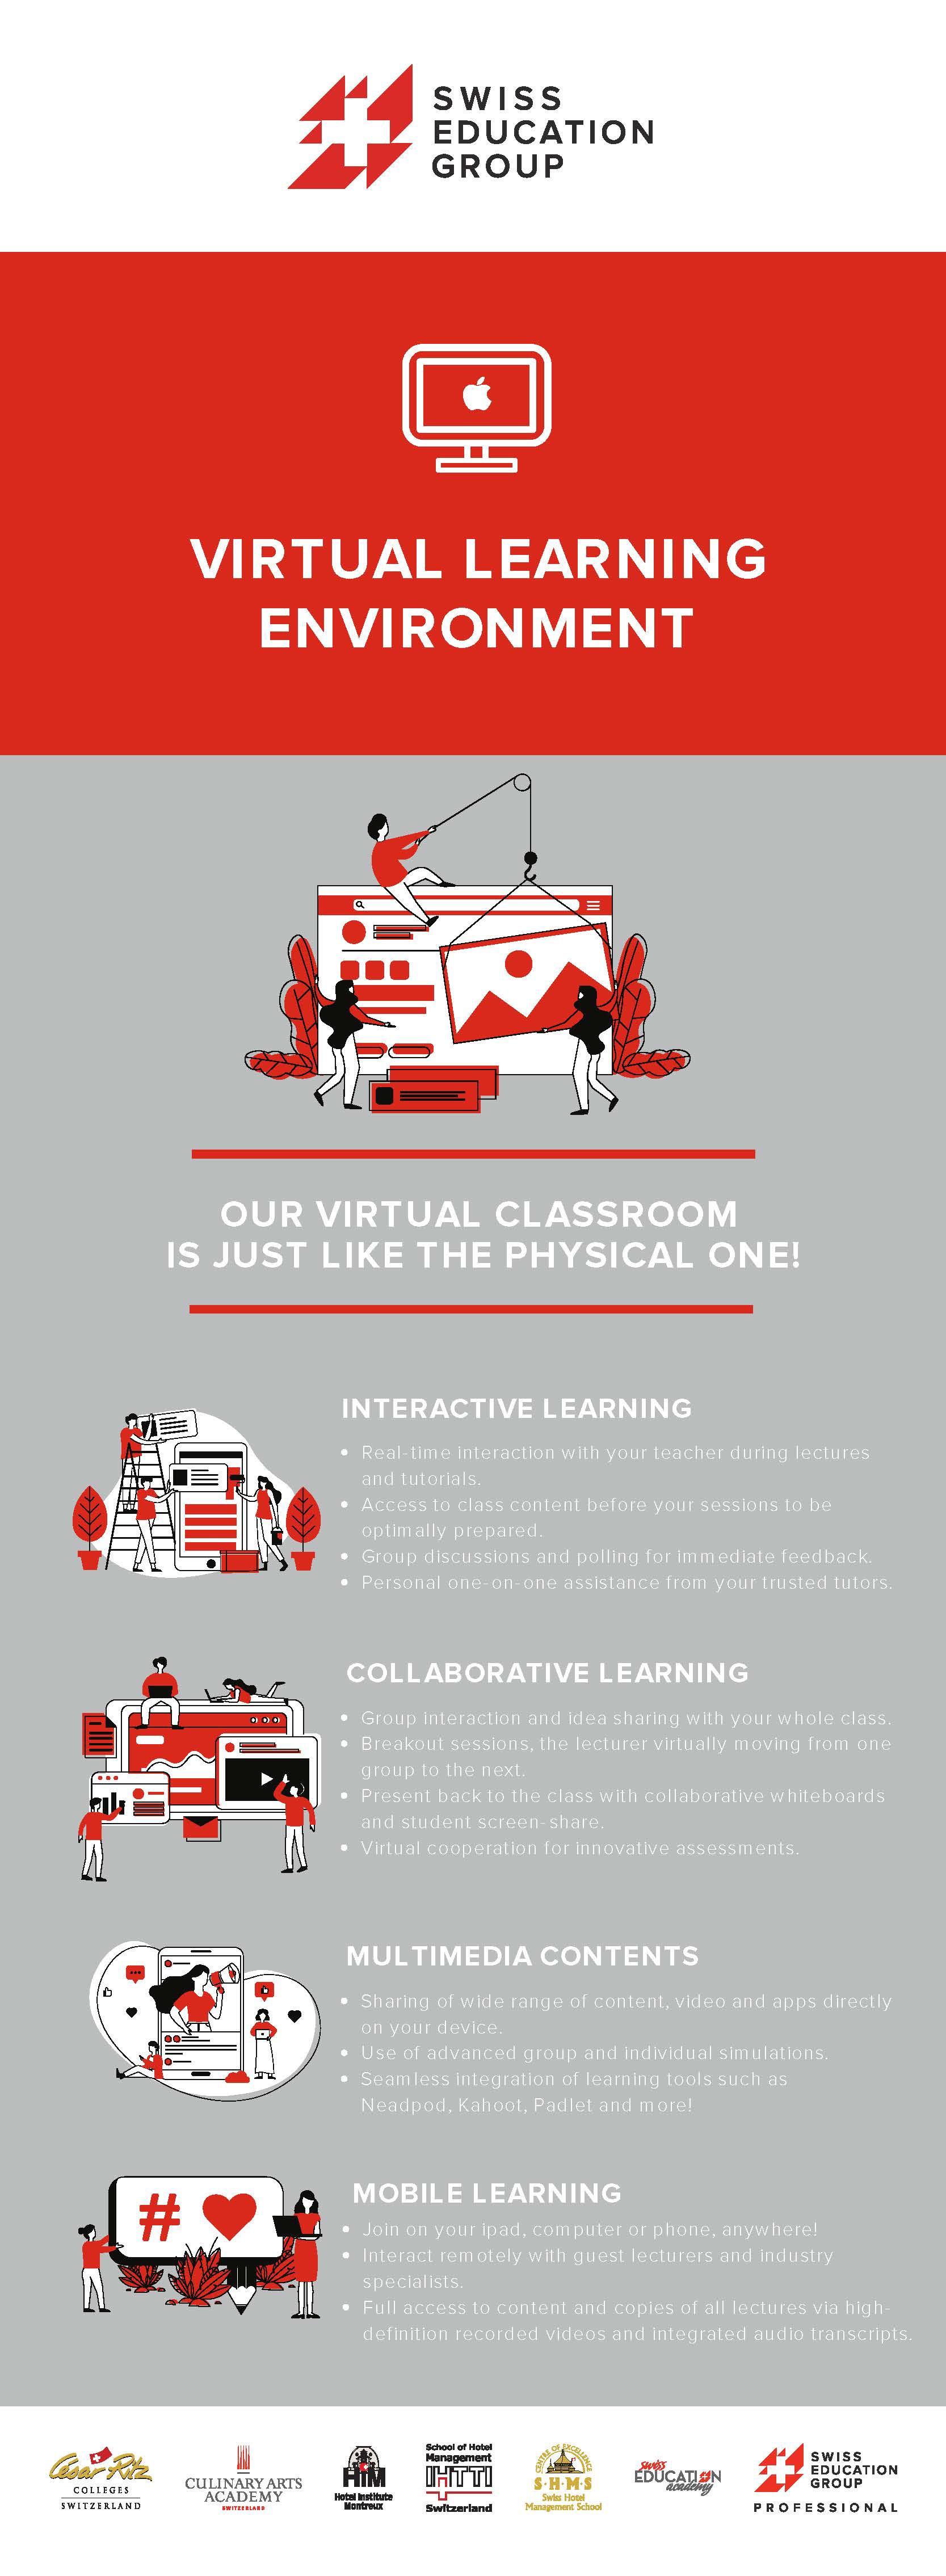 Graphic design describing the virtual learning environment